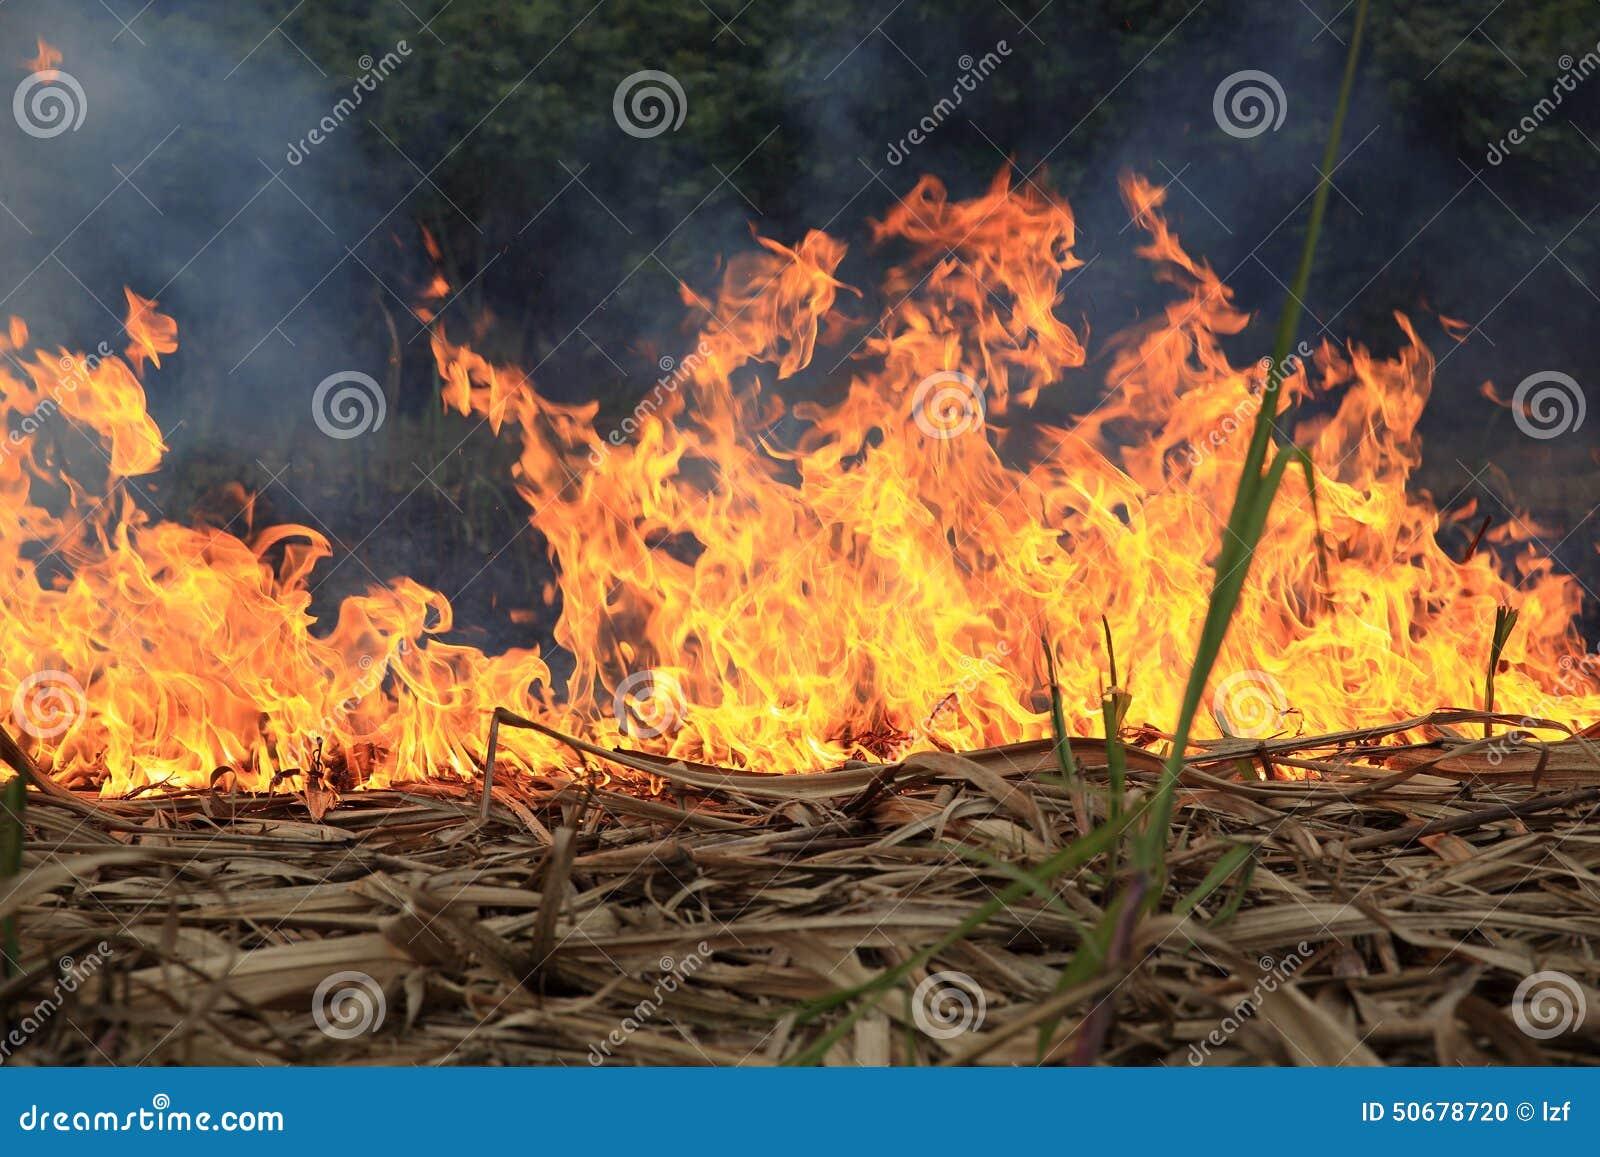 Download 火 库存照片. 图片 包括有 演替系列, ashame, 篝火, 本质, 室外, 叶子, 易燃, 危险, 甘蔗 - 50678720